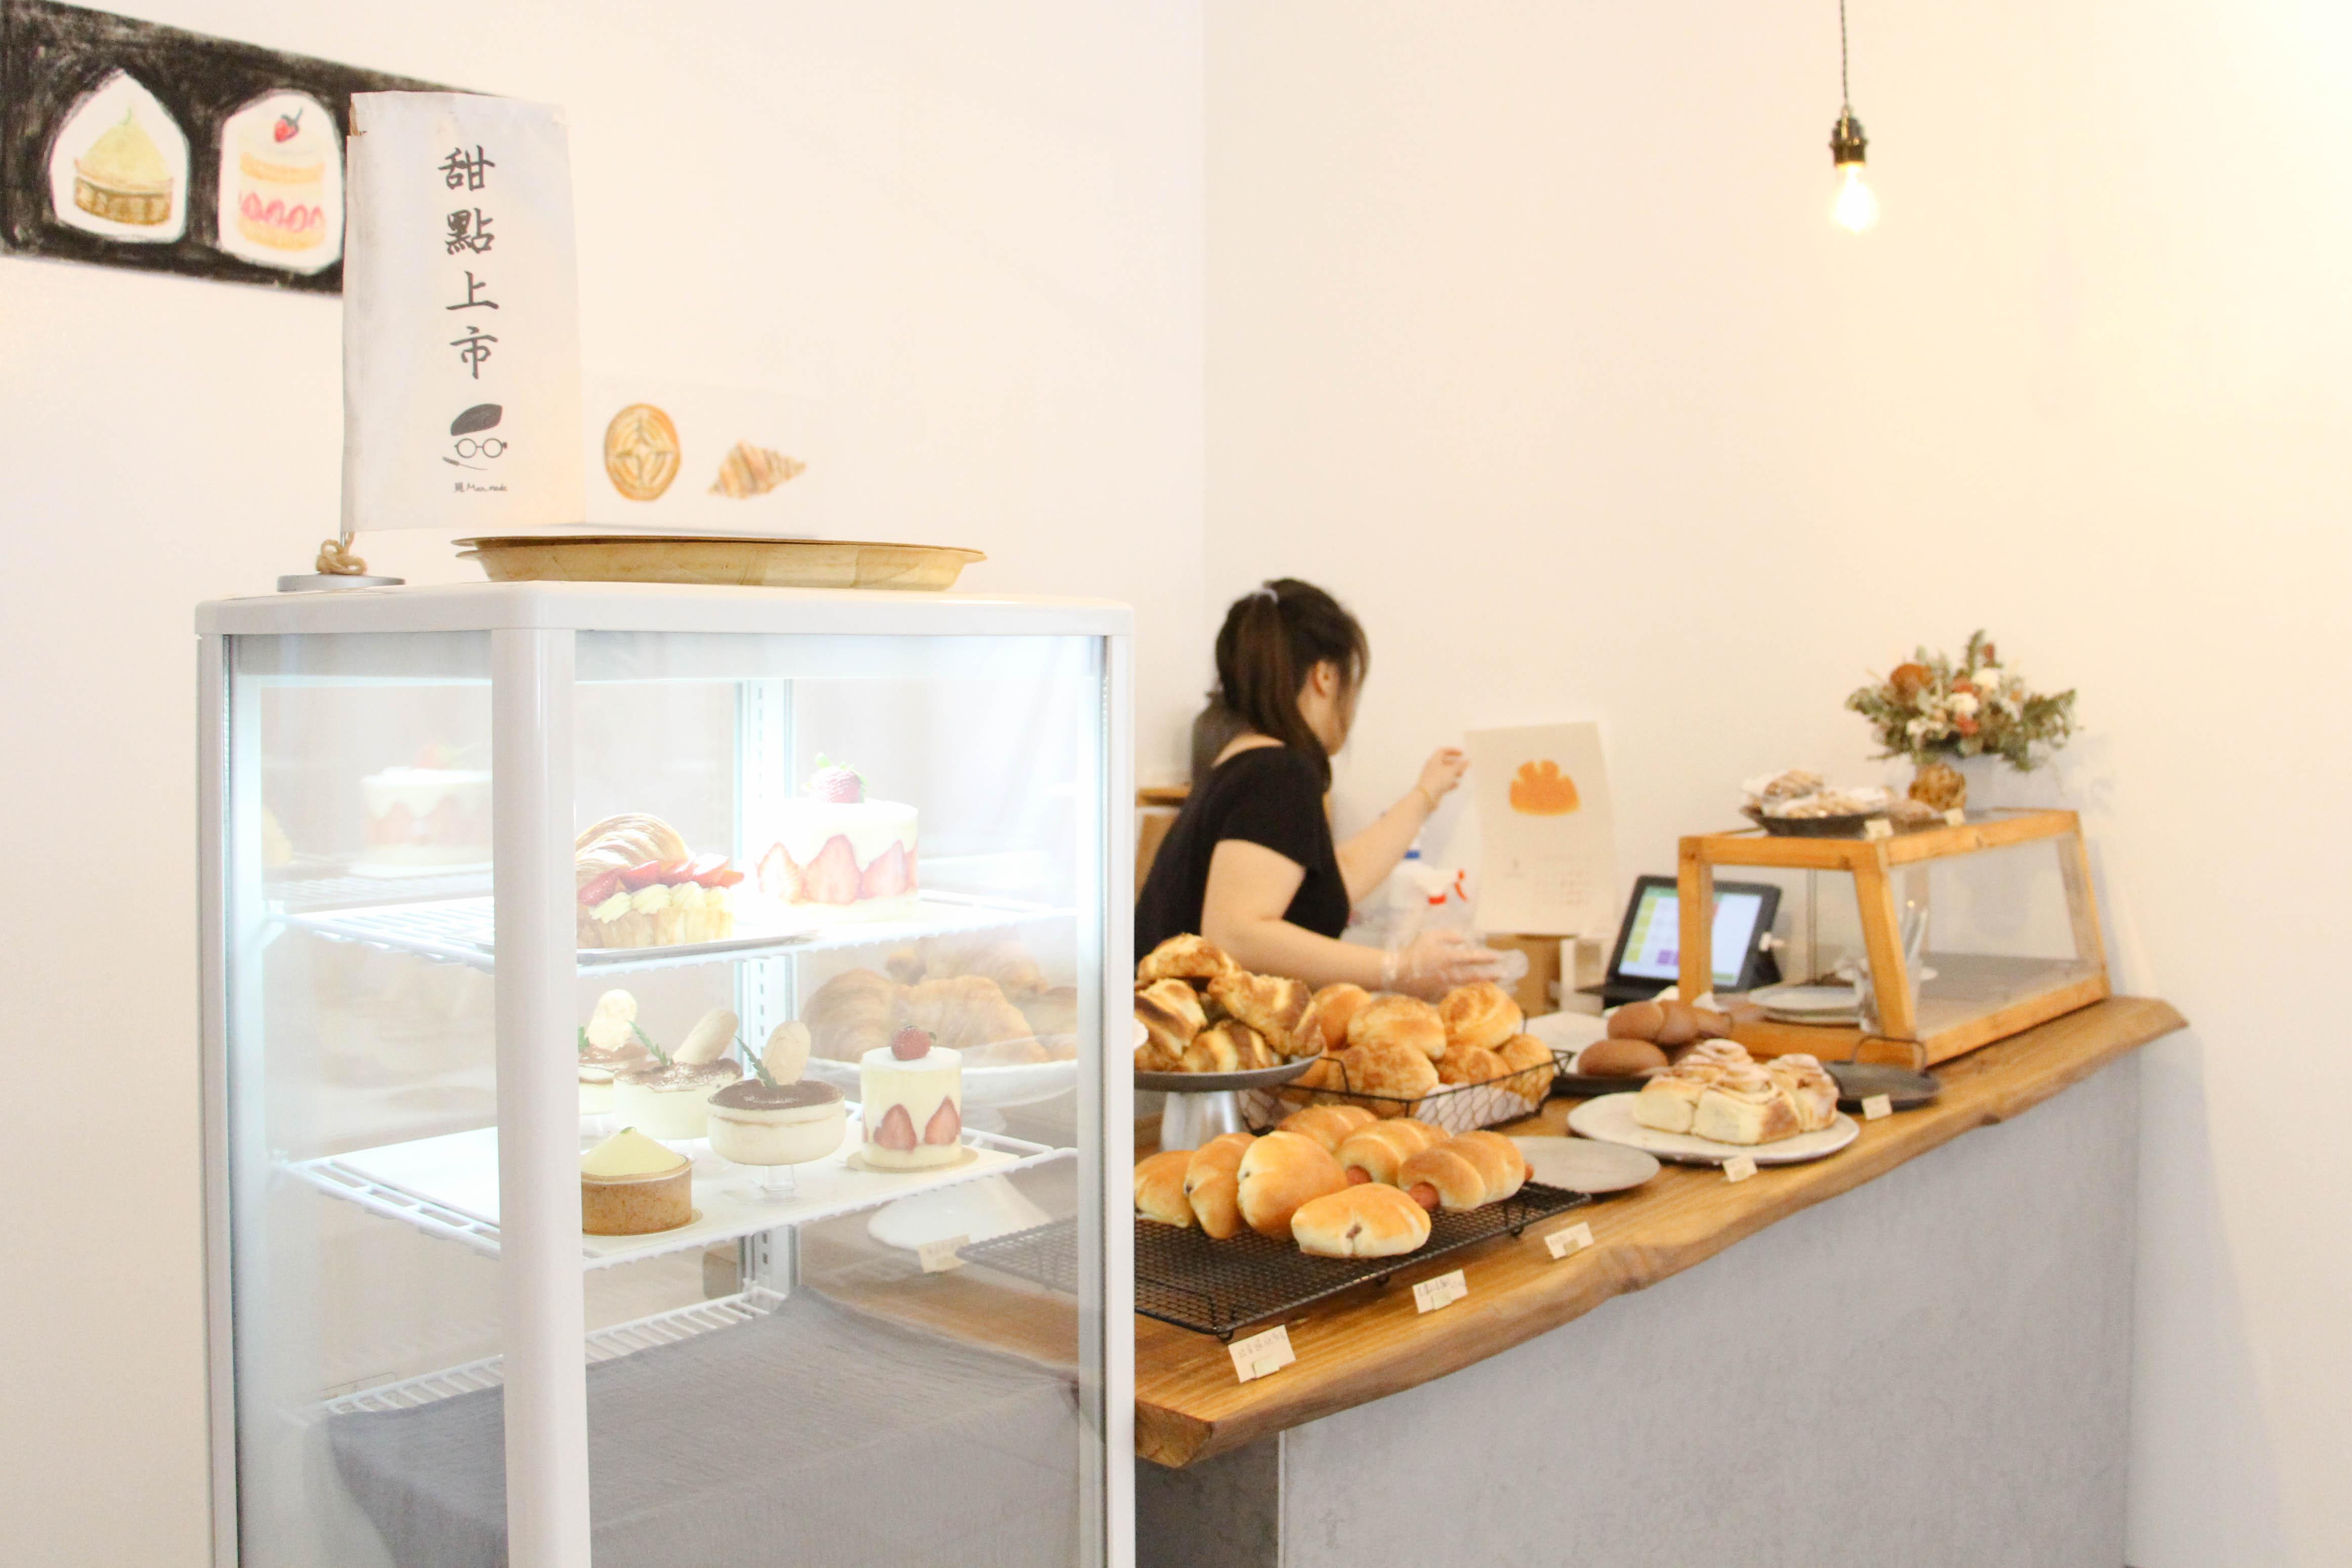 覓Man_made麵包店,天天都有隱藏版,來了才會知道!